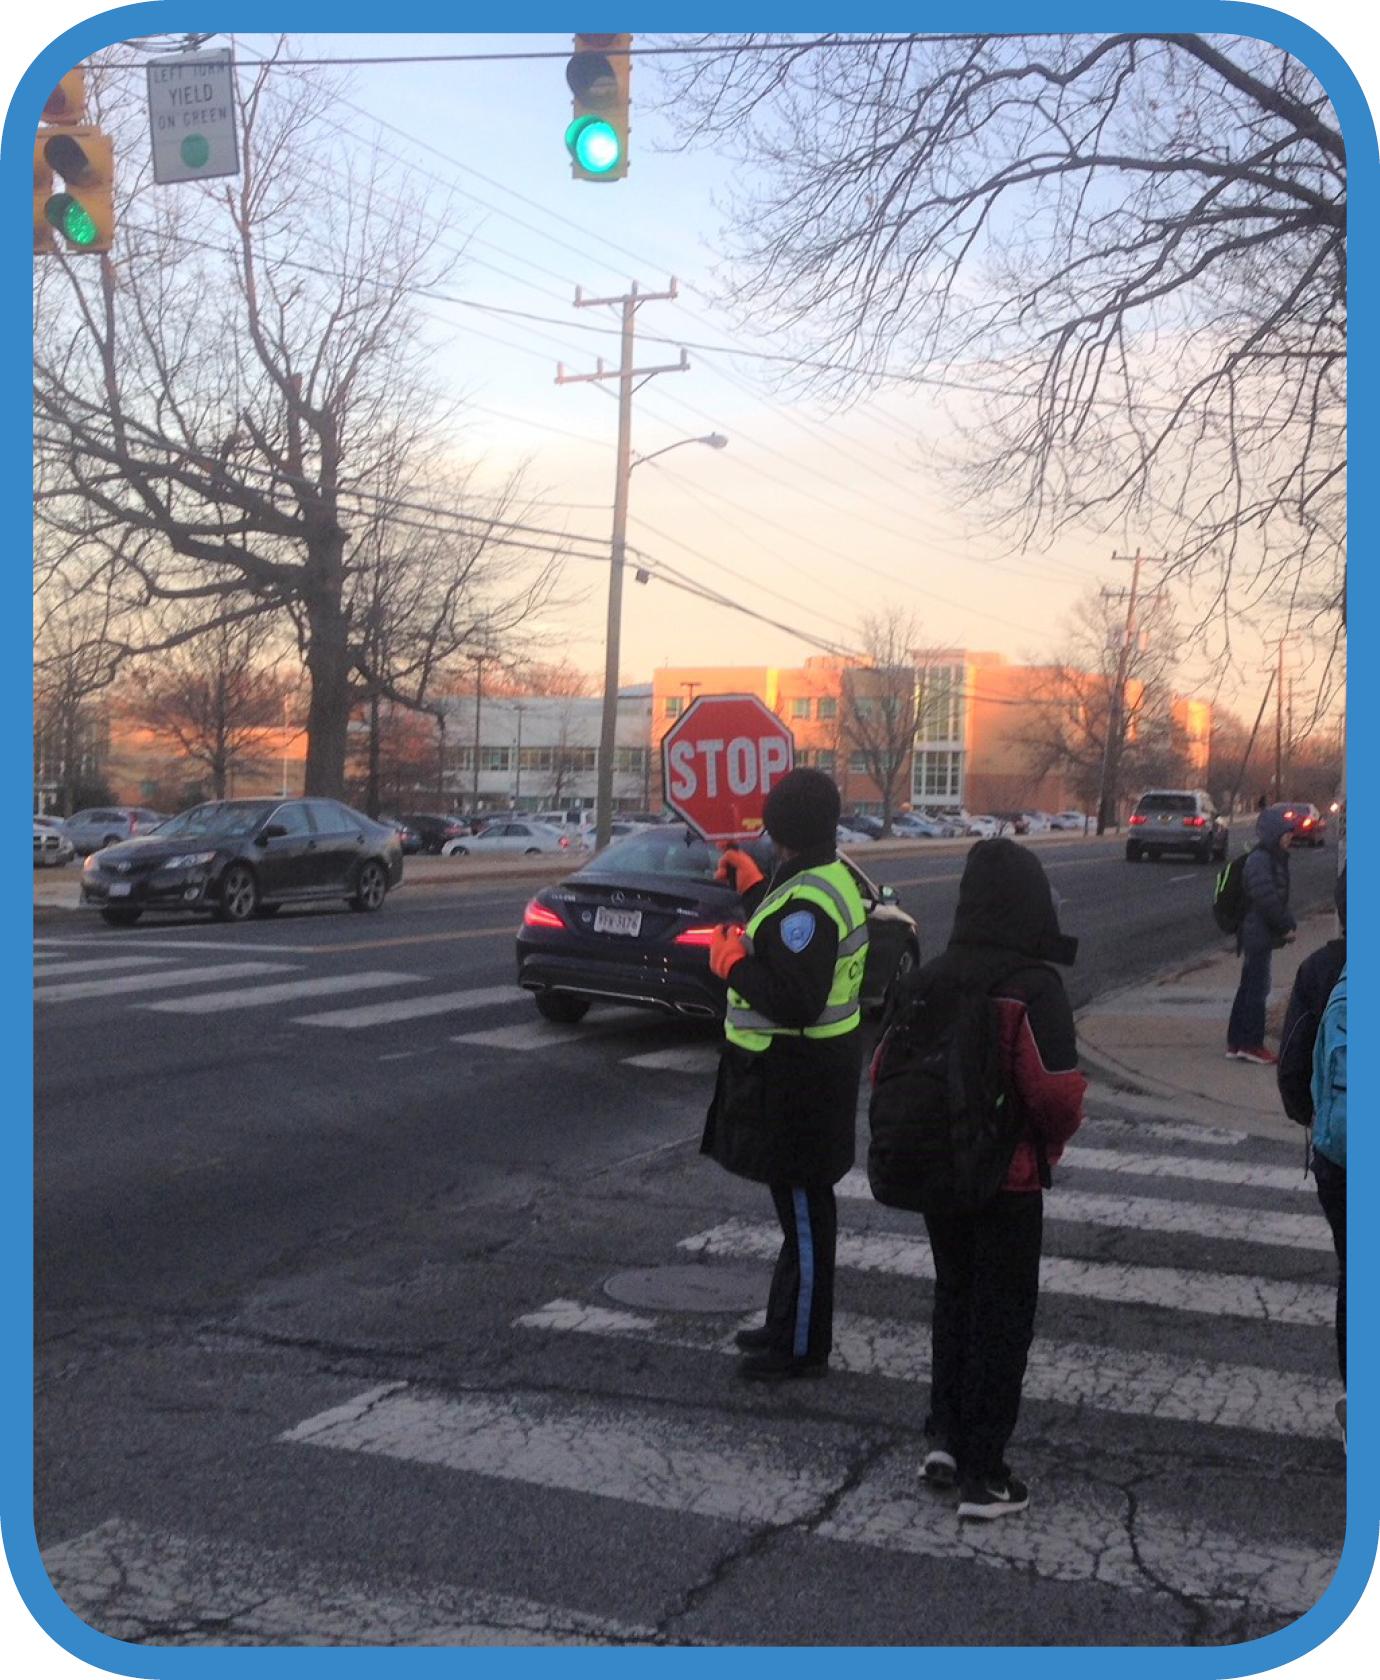 Crossing Guard Appreciation Day/Week - Arlington Public Schools